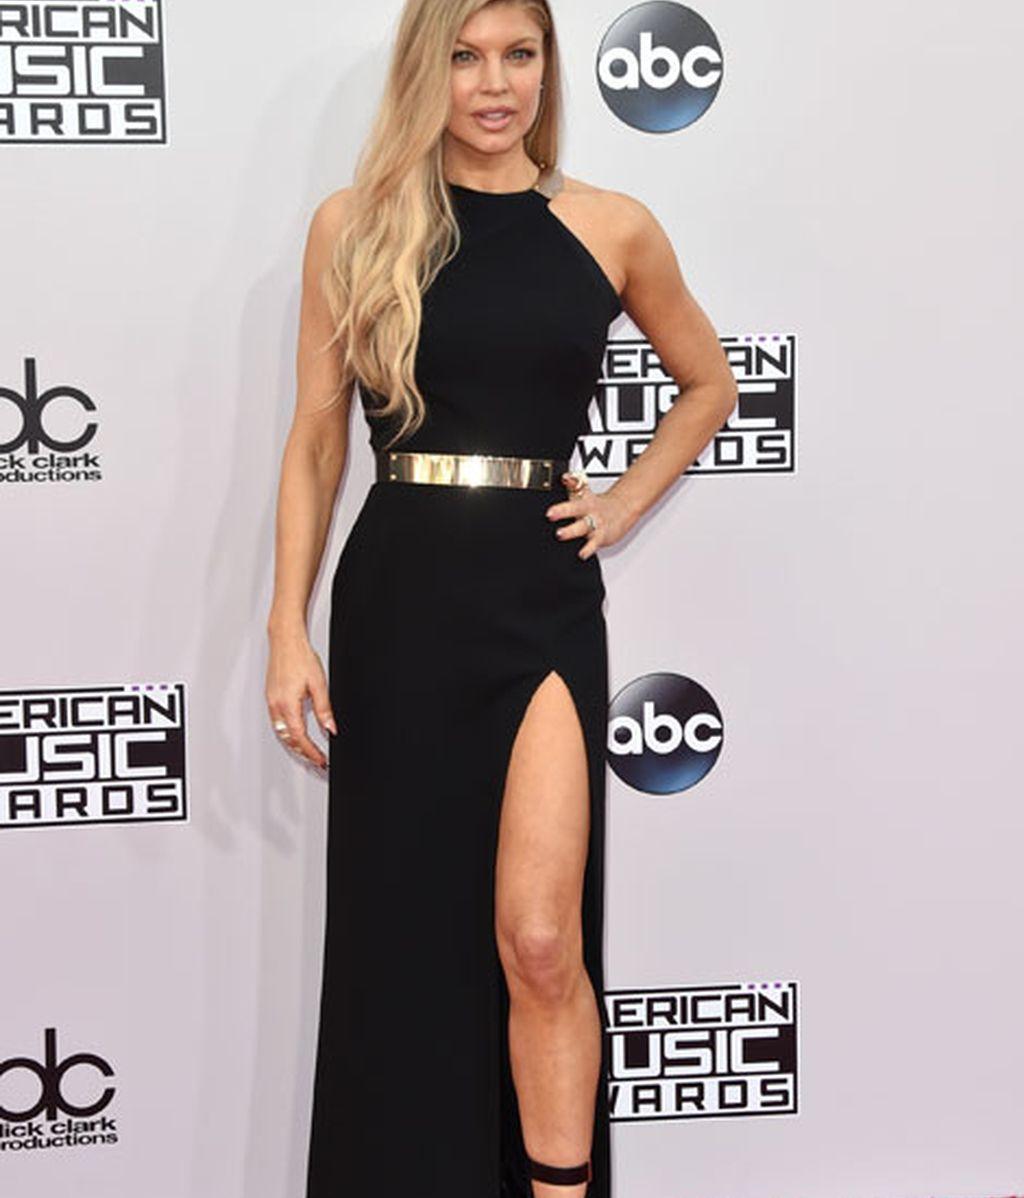 El vestido negro de abertura en la pierna de Fergie lo firmaba Halston Heritage